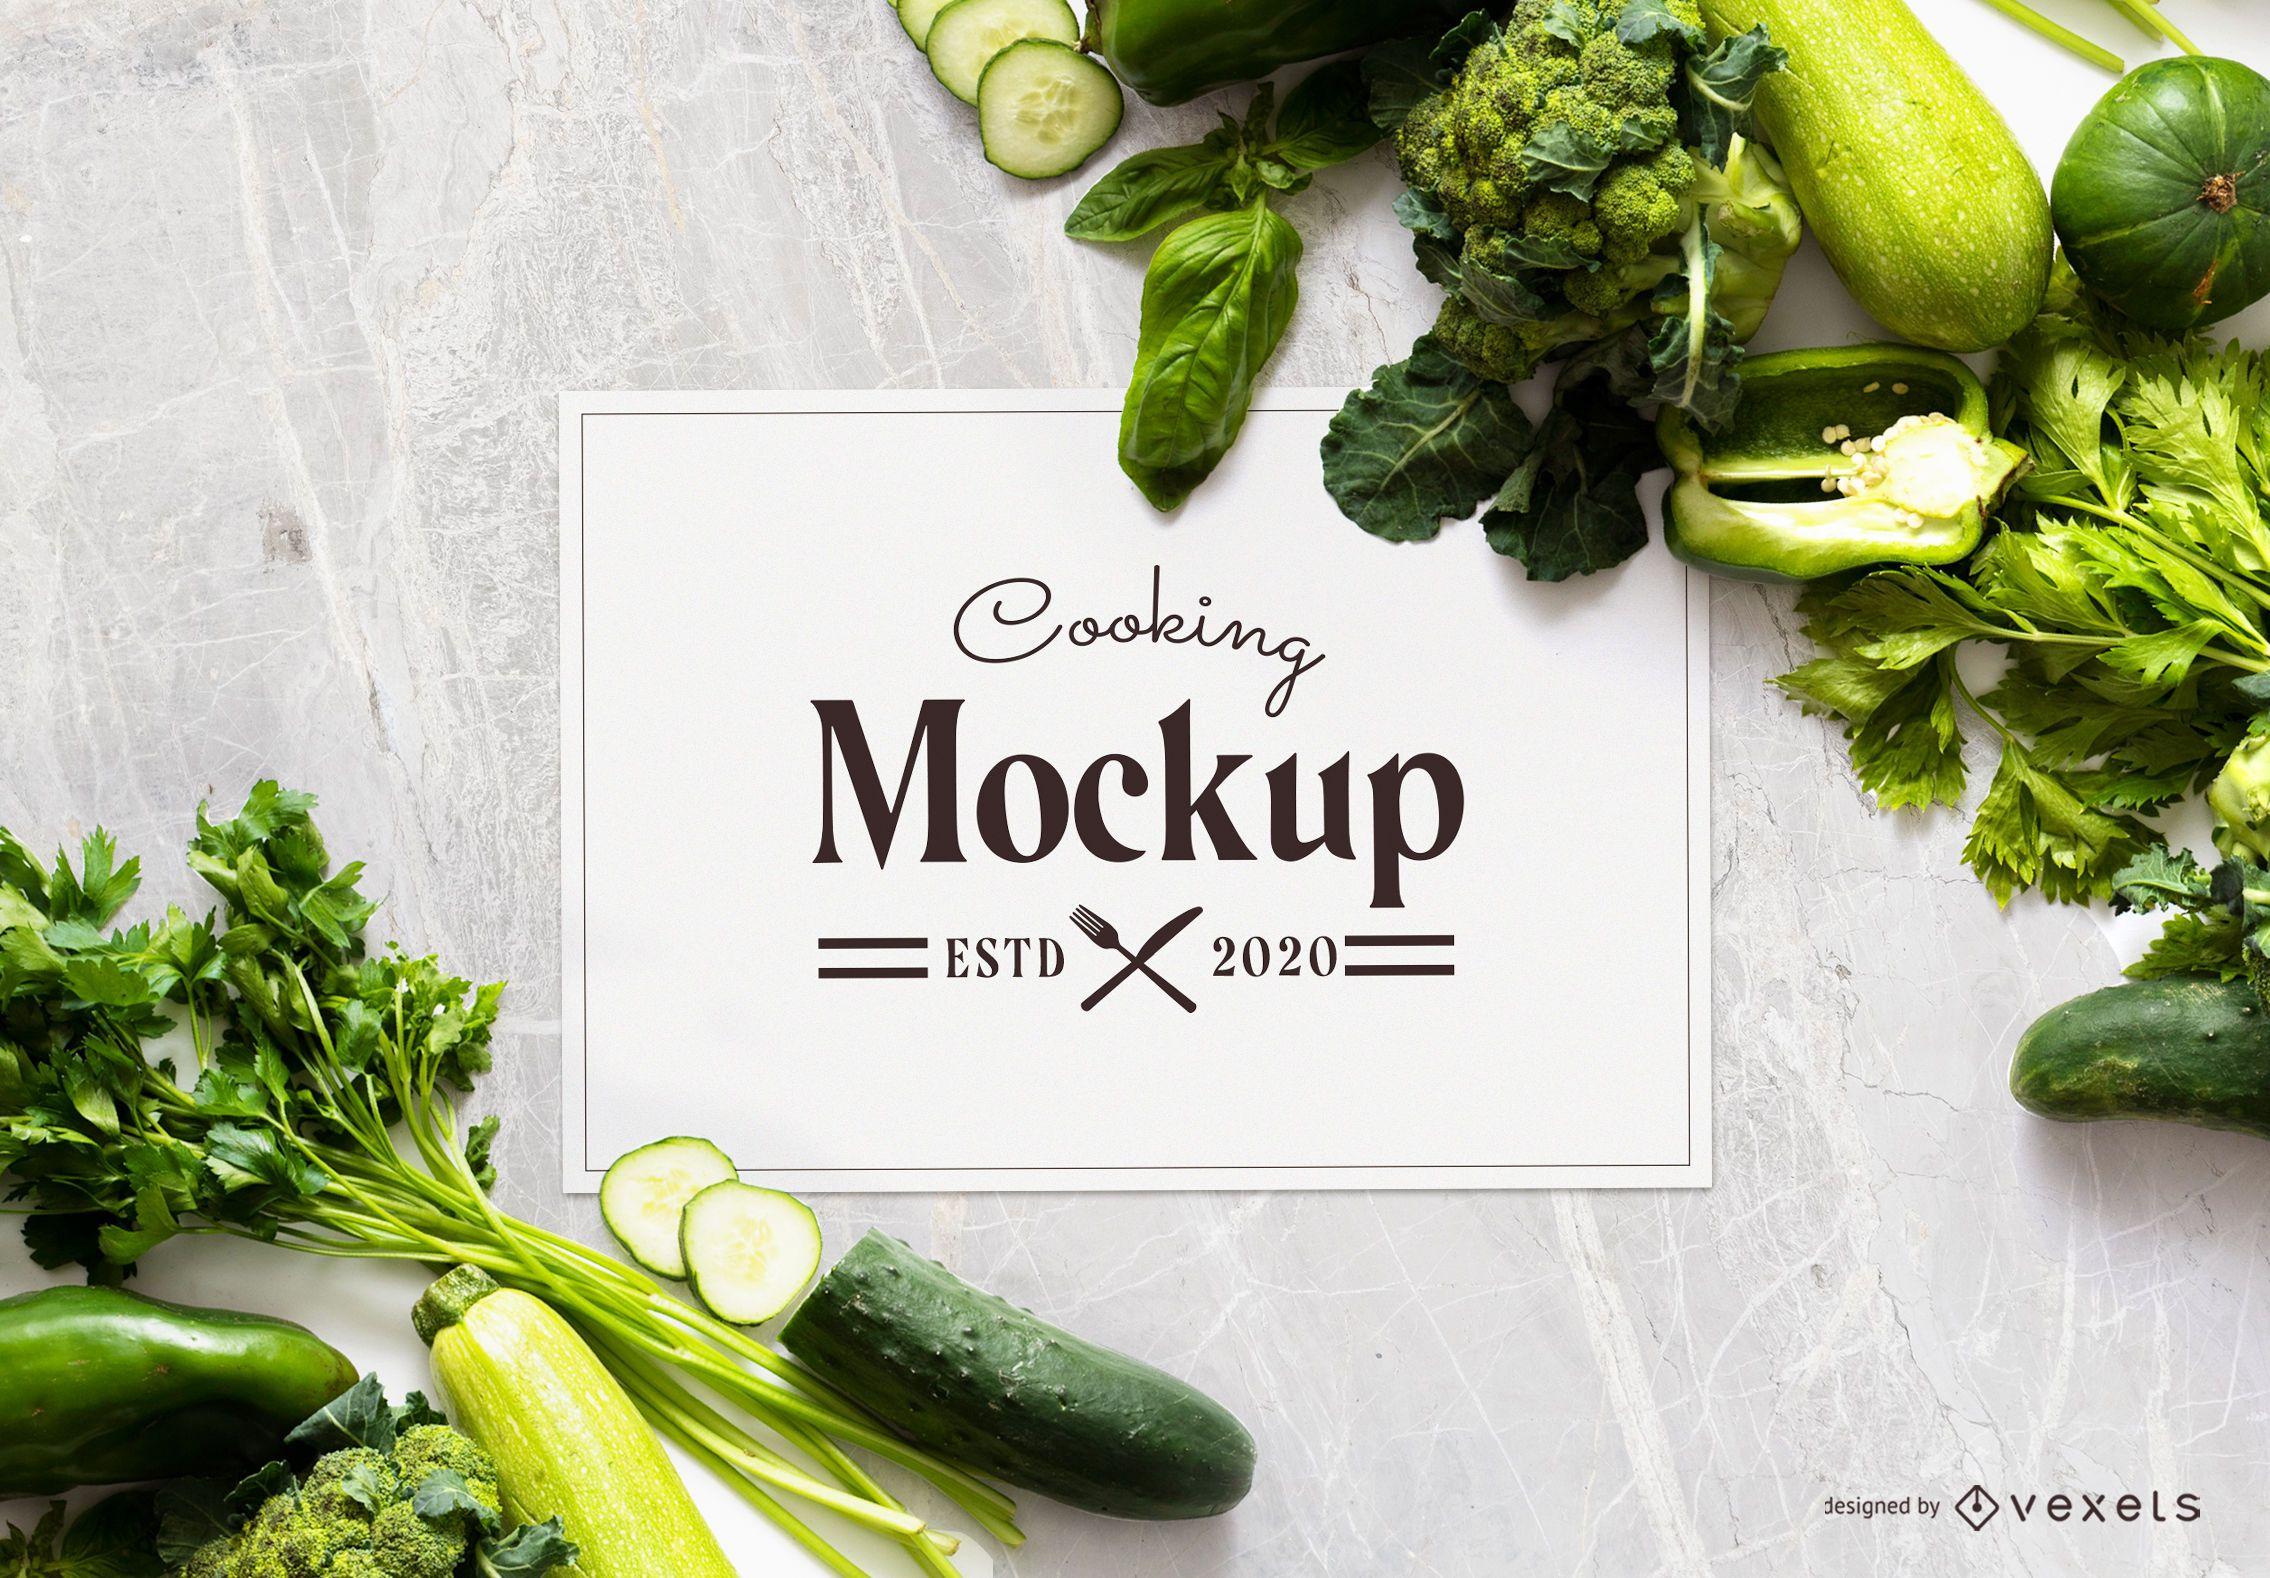 Green vegetables mockup composition